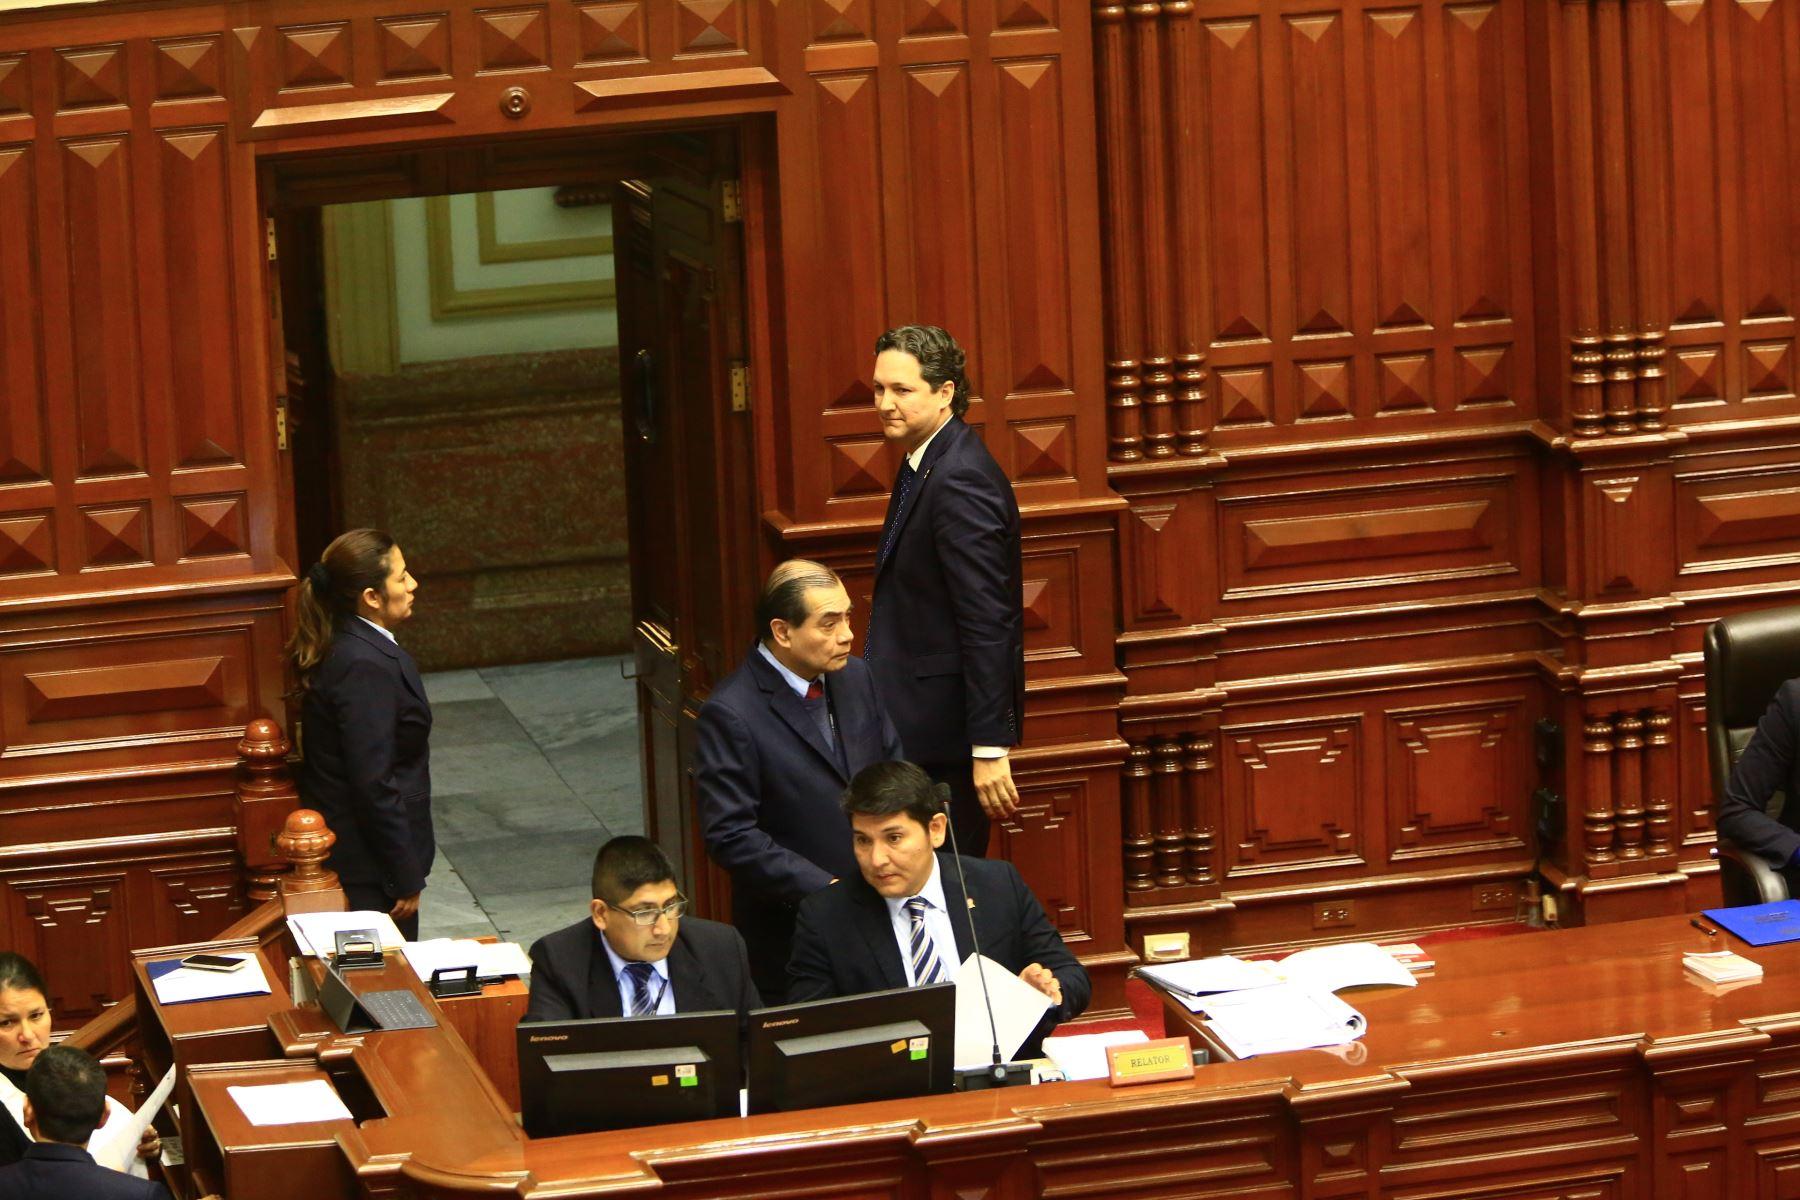 Pleno del Congreso debate los Proyectos de Reforma Política presentadas por el poder Ejecutivo. Foto: Andina/Pedro Cárdenas